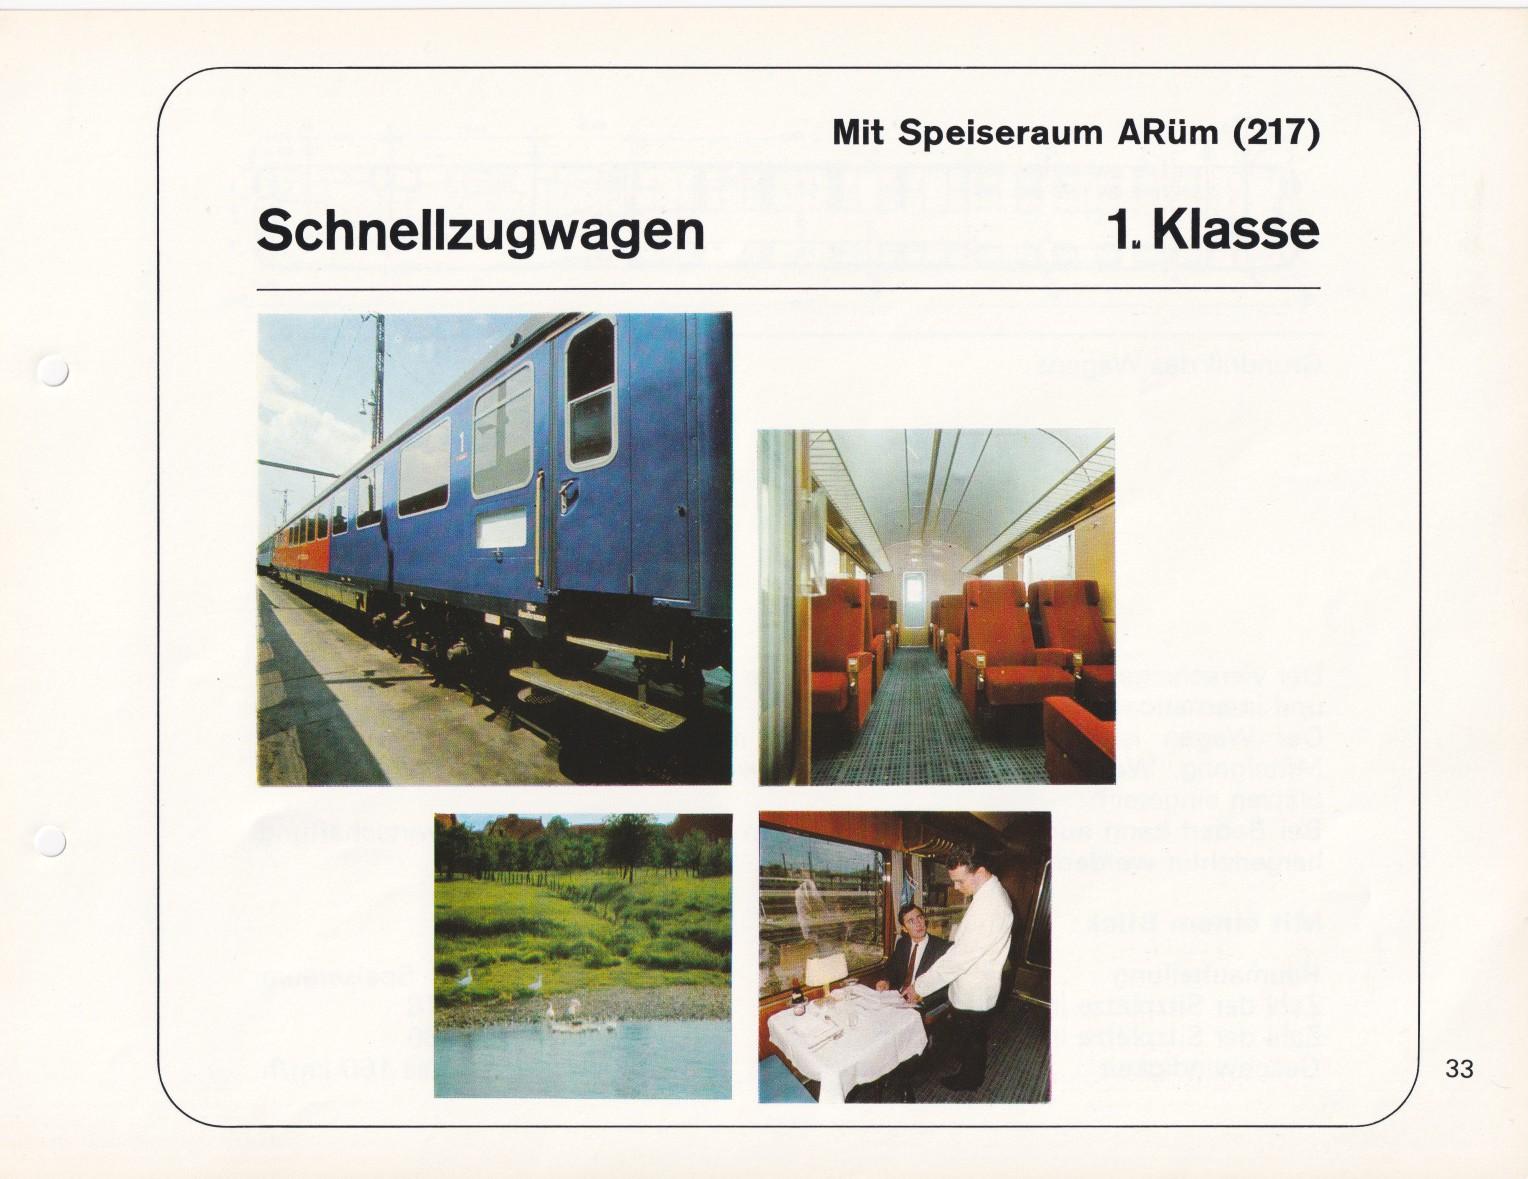 https://www.nullclub.de/hifo/Fahrzeuglexikon/Wagen33a.jpg